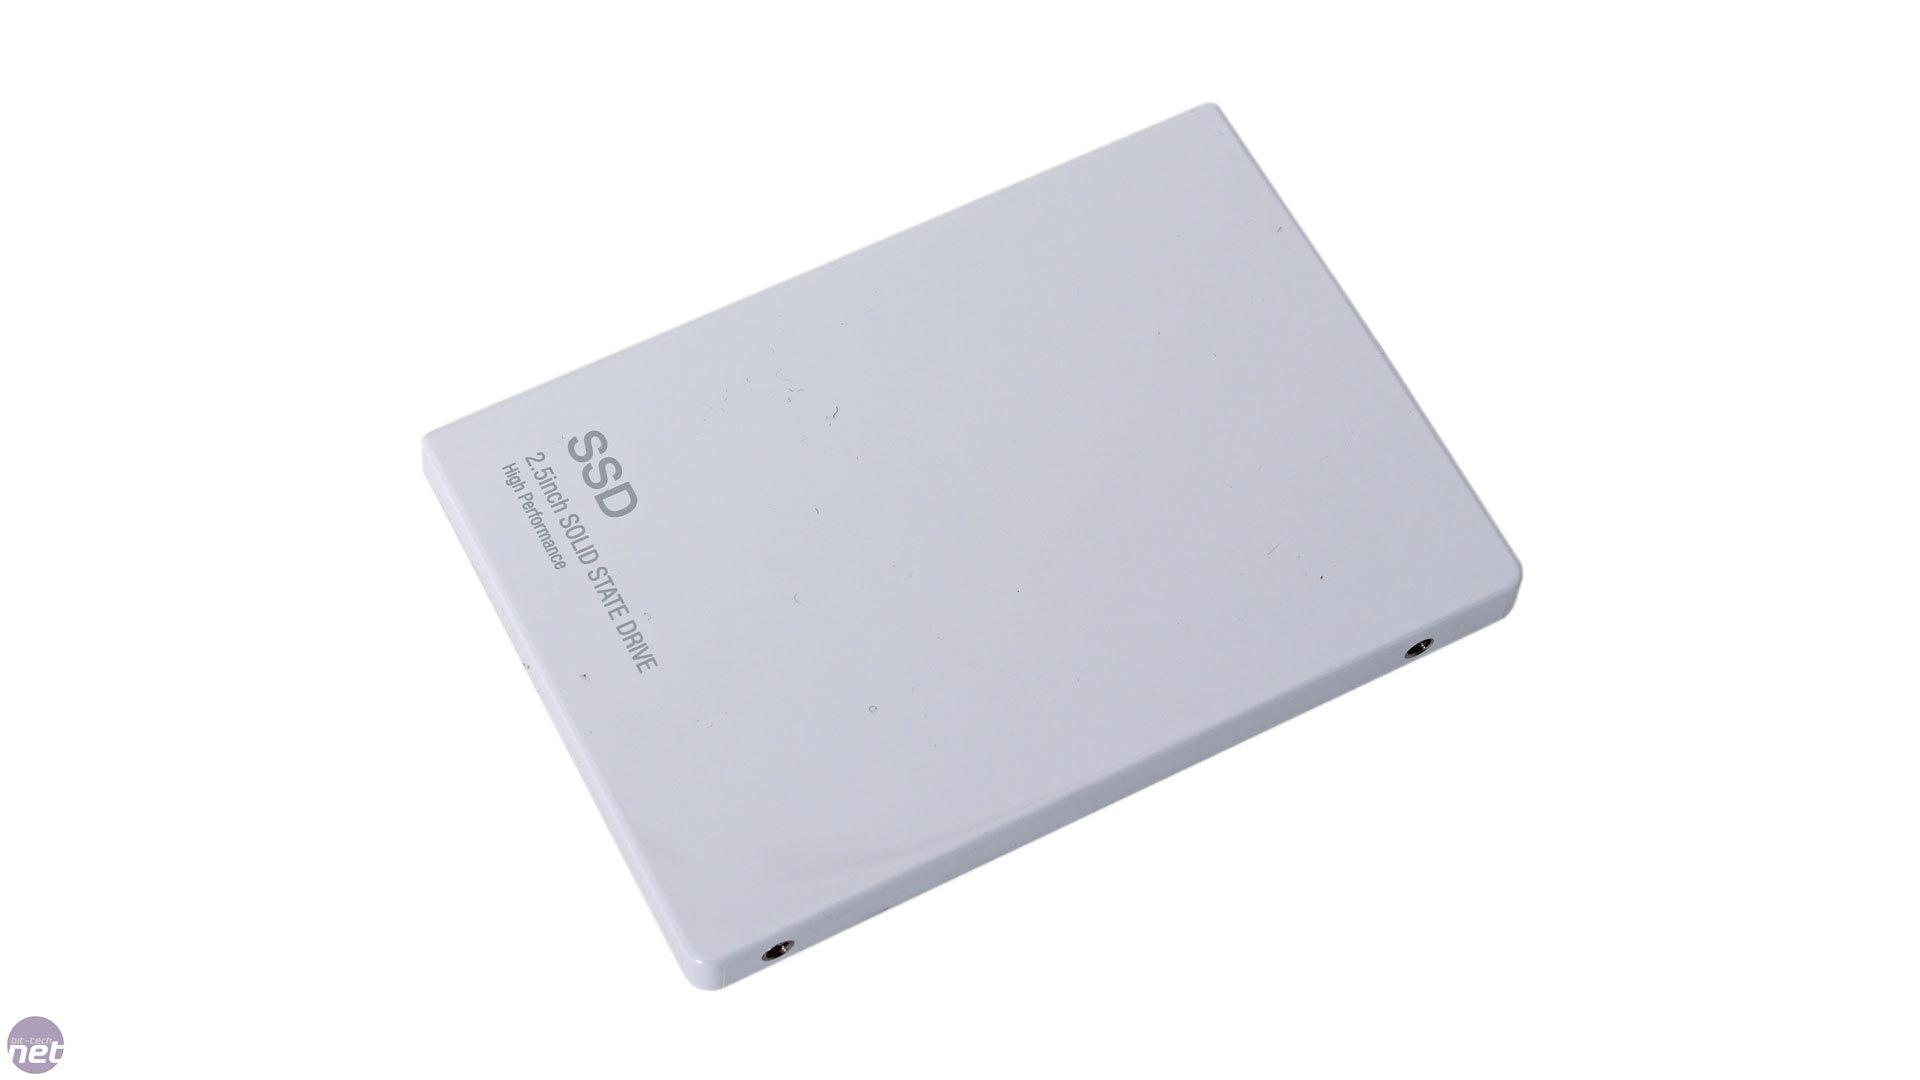 SK Hynix SH910A SSD 256GB Review | bit-tech net